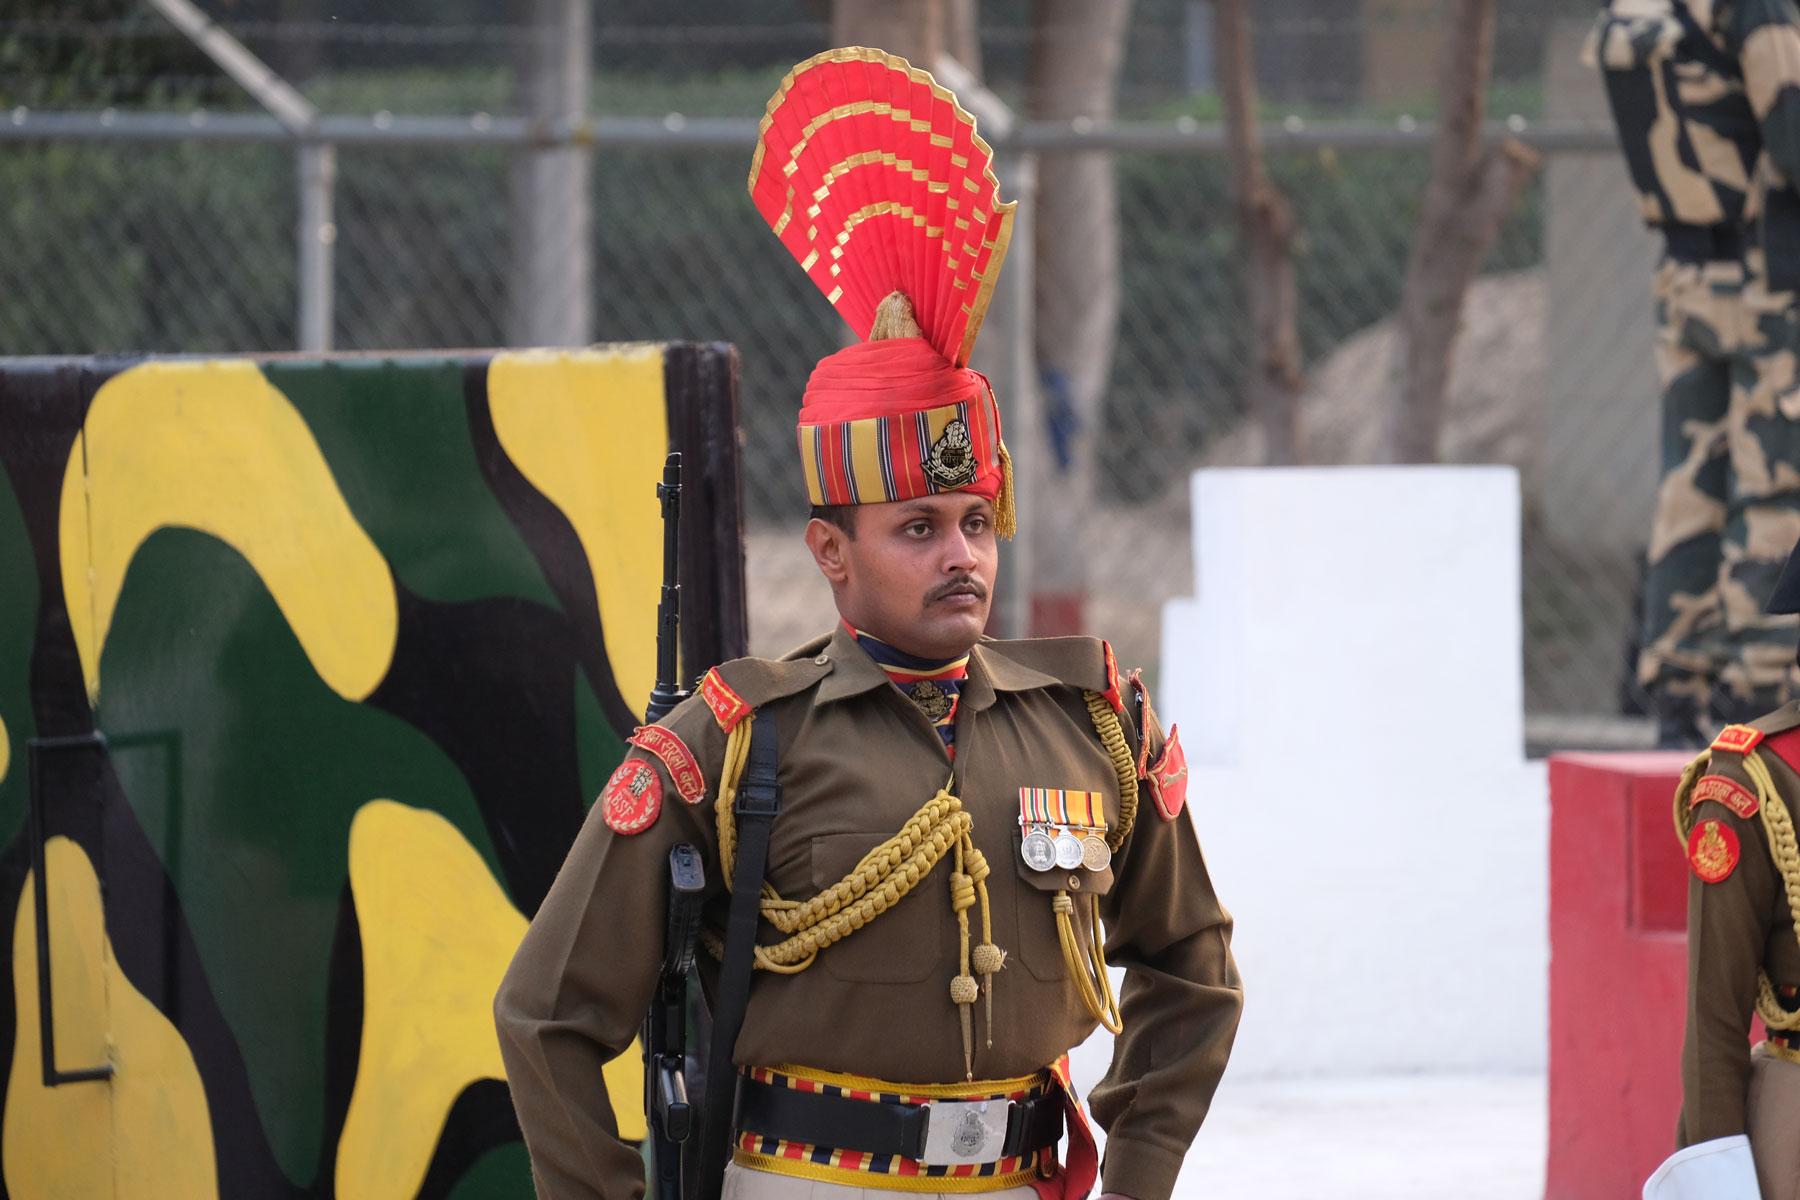 Die Uniformen der indischen Soldaten sind ebenso ausgefallen, wie die ihrer pakistanischen Kollegen